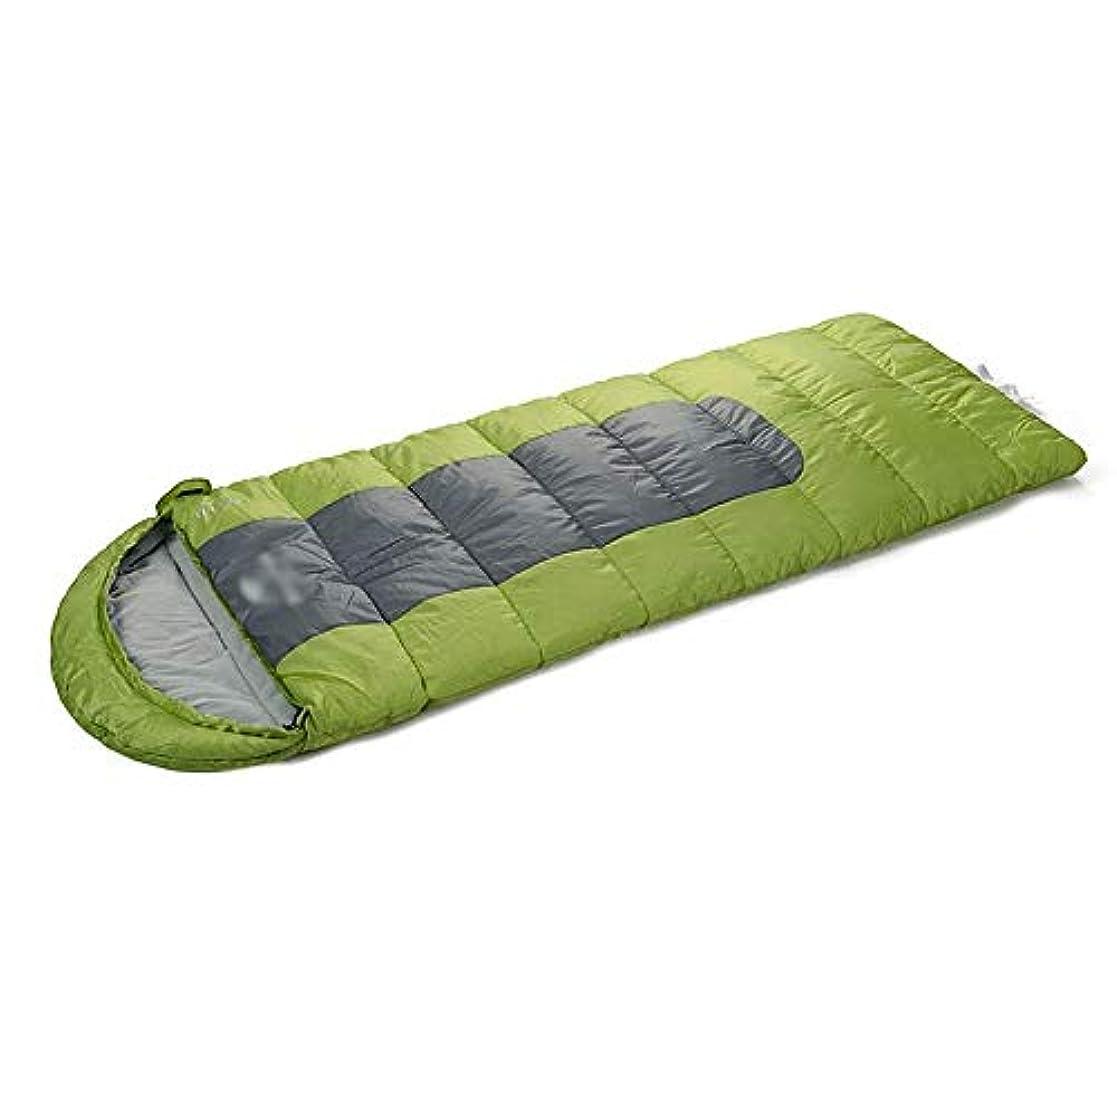 それに応じて正当な慣性アウトドアフード付き寝袋3-4シーズンキャンプ用大人用 暖かい封筒寝袋コットンパッド青(色:緑)